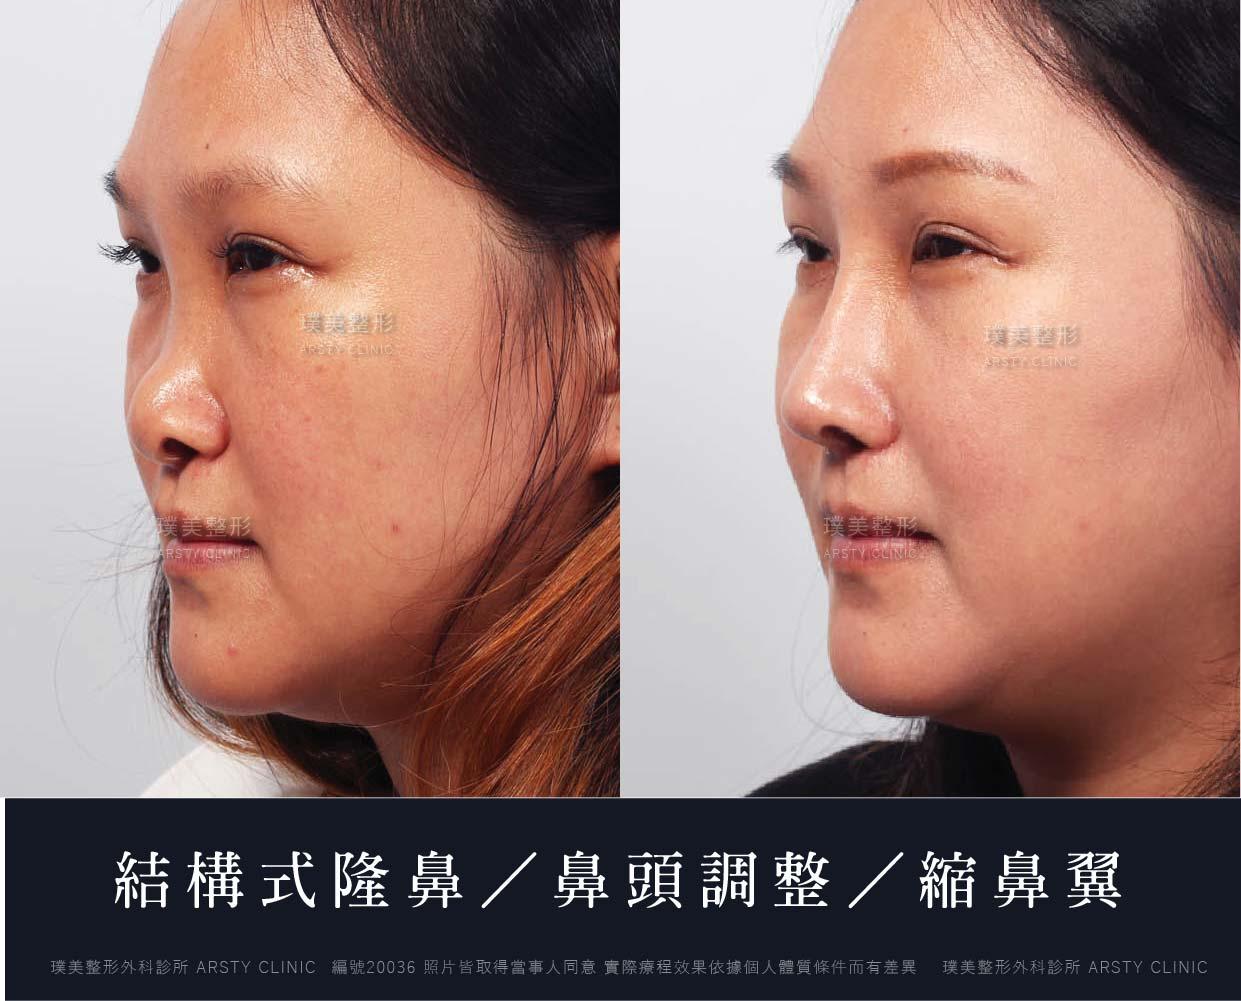 縮鼻翼手術 - 改善鼻翼弧度 隱痕自然 - 璞美整形外科